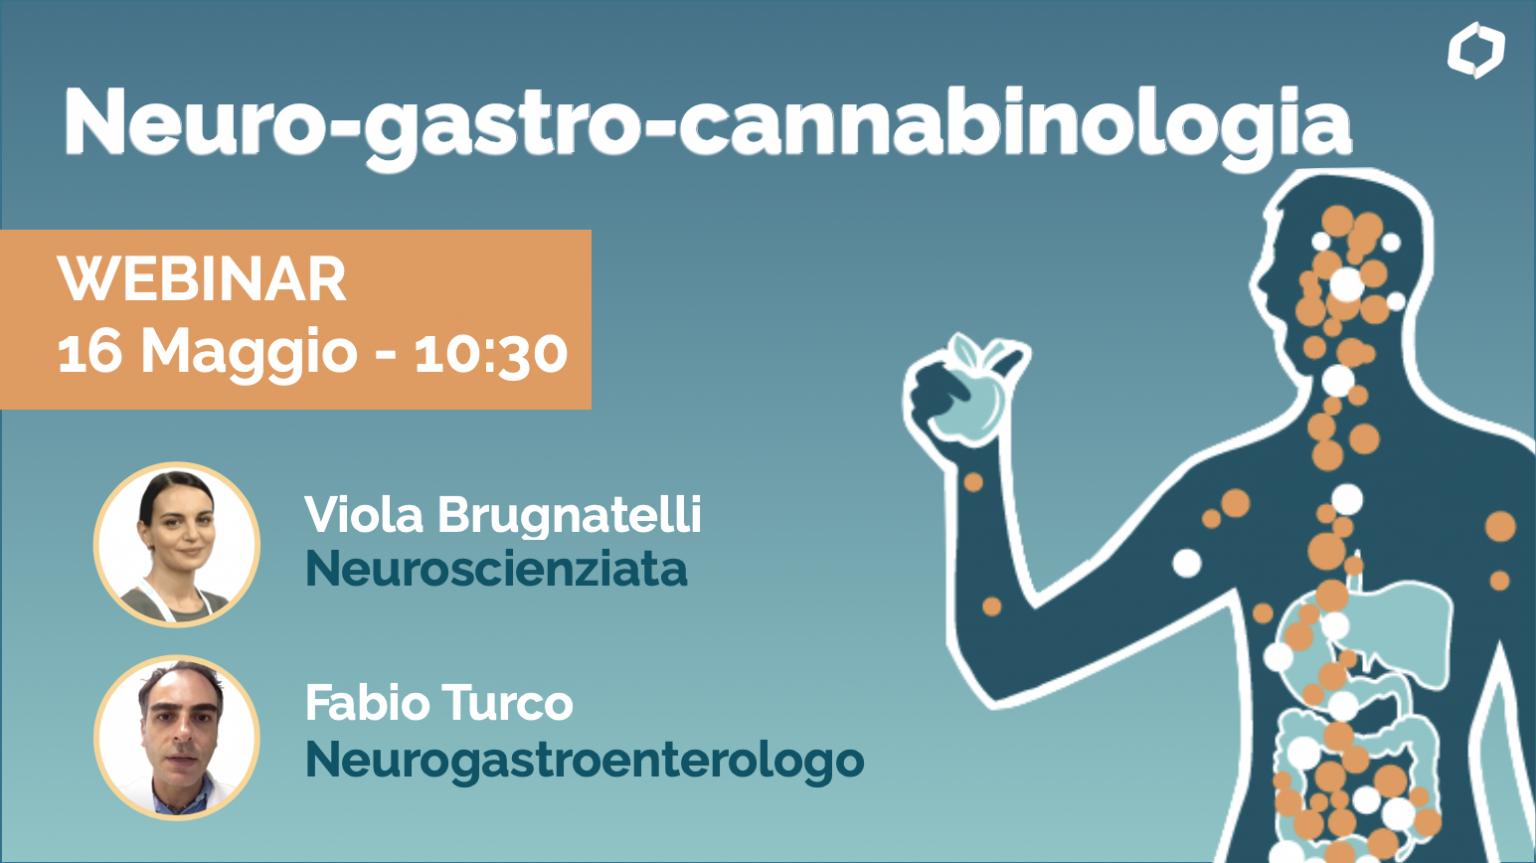 Neuro-Gastro-Cannabinologia. Squilibri dell'appetito, problemi digestivi, intestinali, irritabilità e insonnia